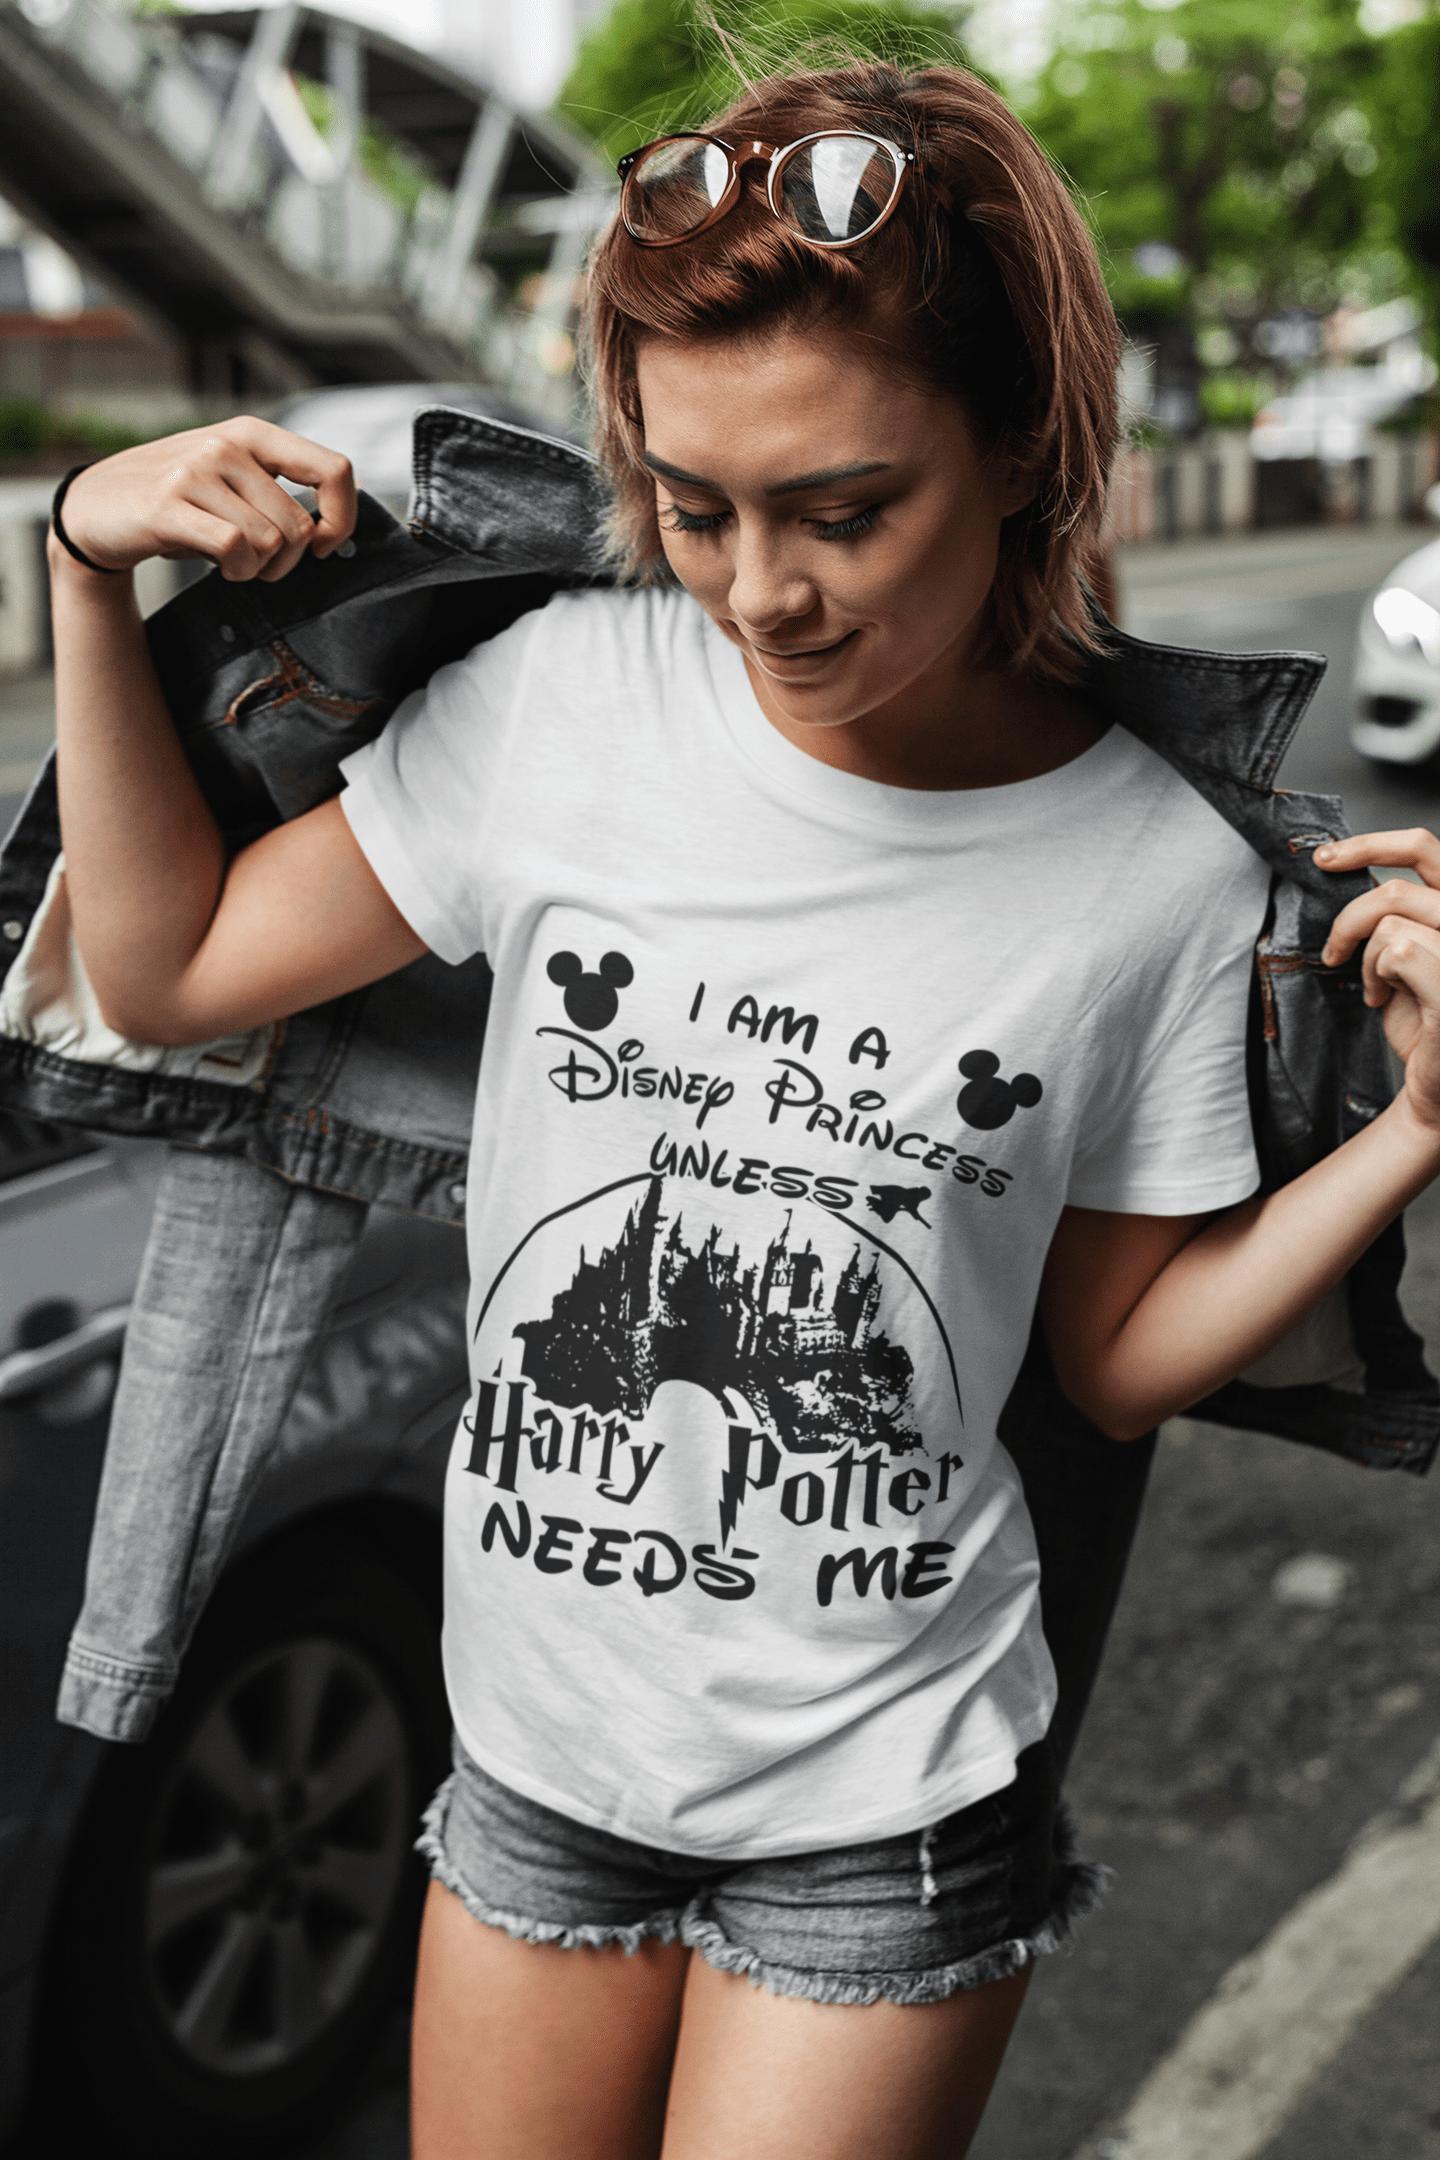 I am a disney princess unless Harry Potter needs me shirt - justa